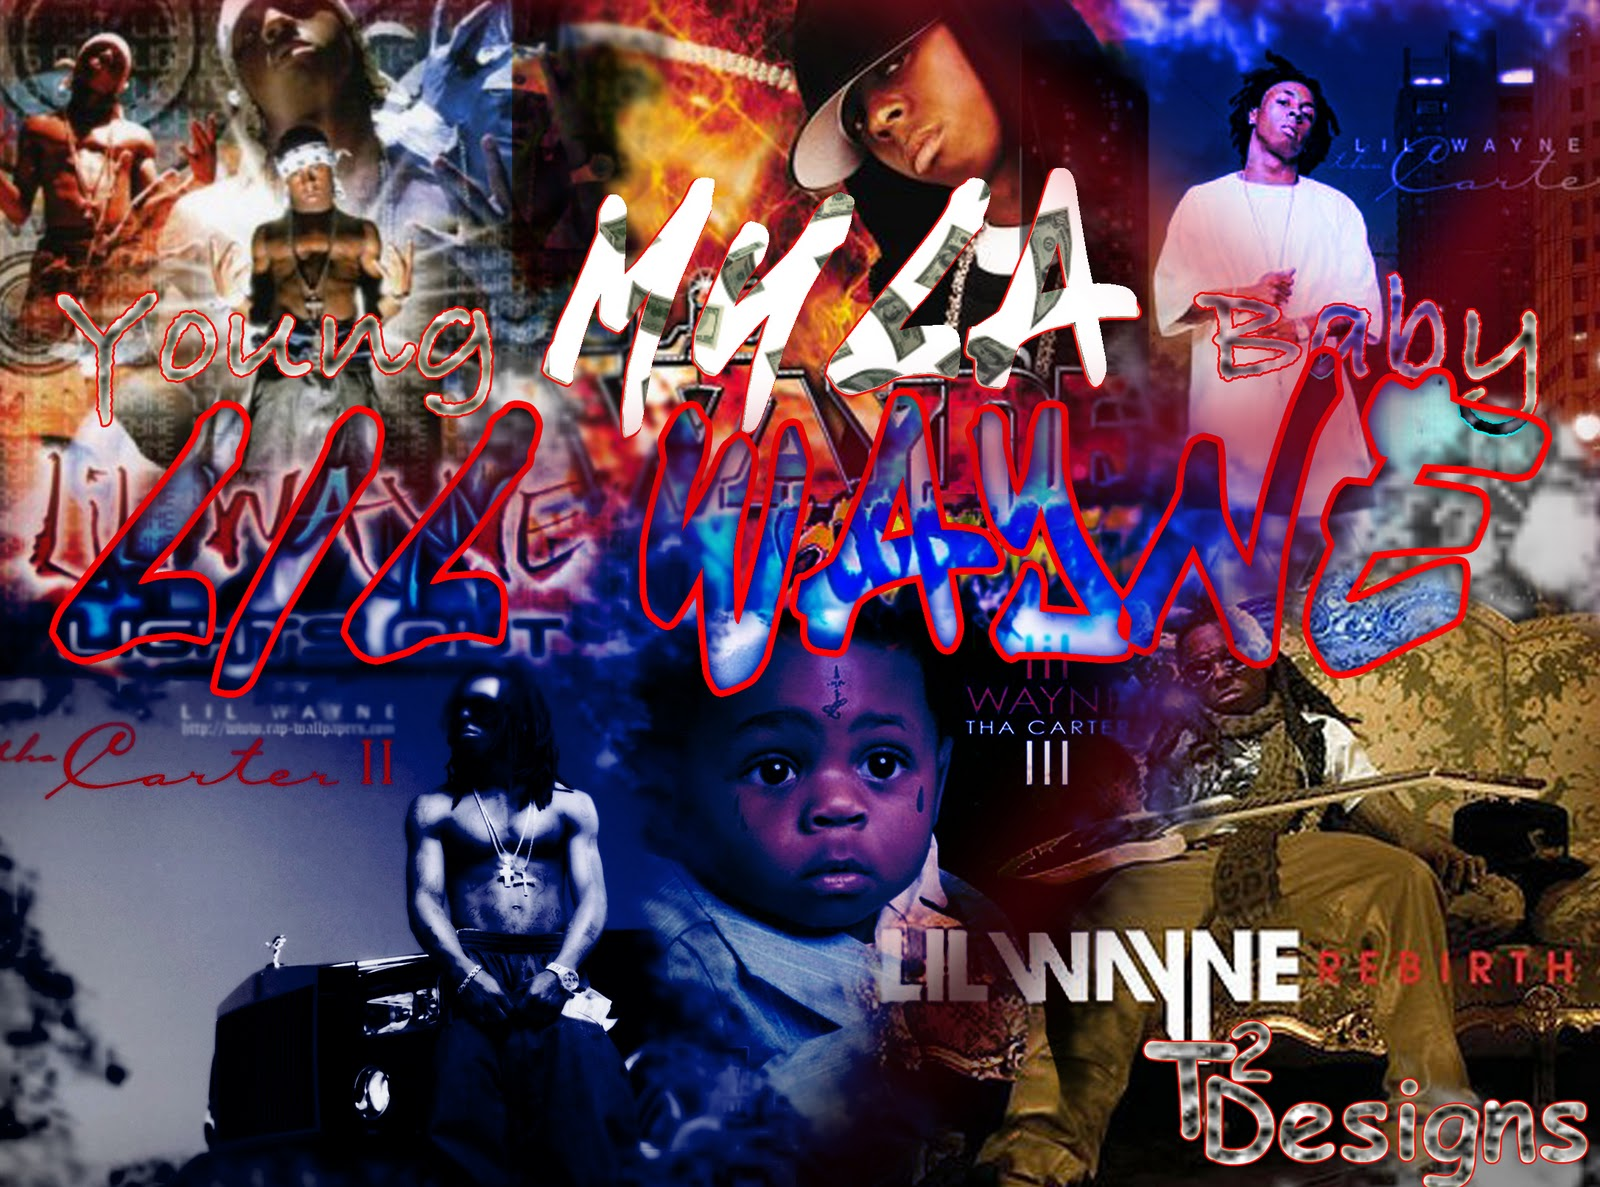 http://2.bp.blogspot.com/_qN8ONQijK68/TLYhu6w6peI/AAAAAAAAABg/37H7Zer86AU/s1600/lilwayneartworkimage.jpg